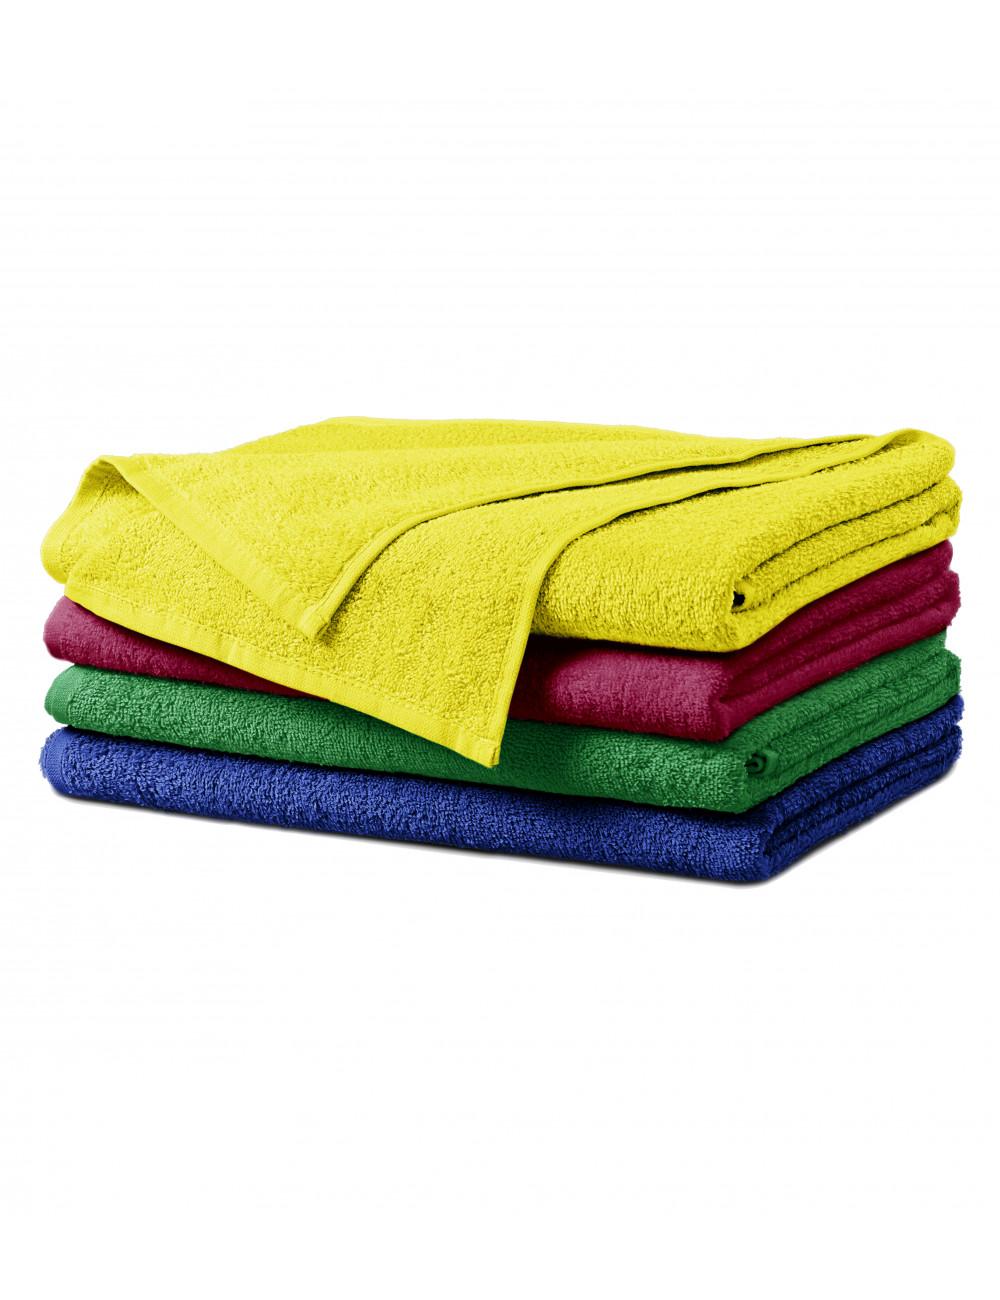 Adler MALFINI Ręcznik duży unisex Terry Bath Towel 909 cytrynowy